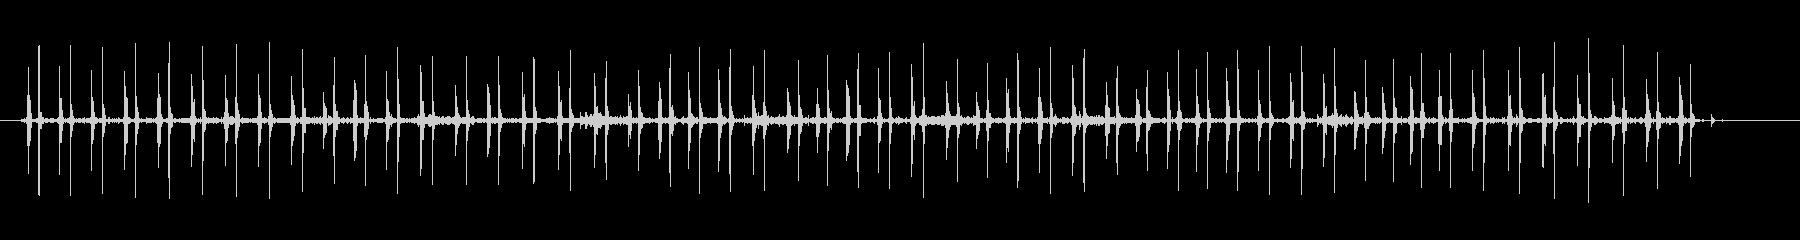 ハートビート58Bpm-病院-の未再生の波形